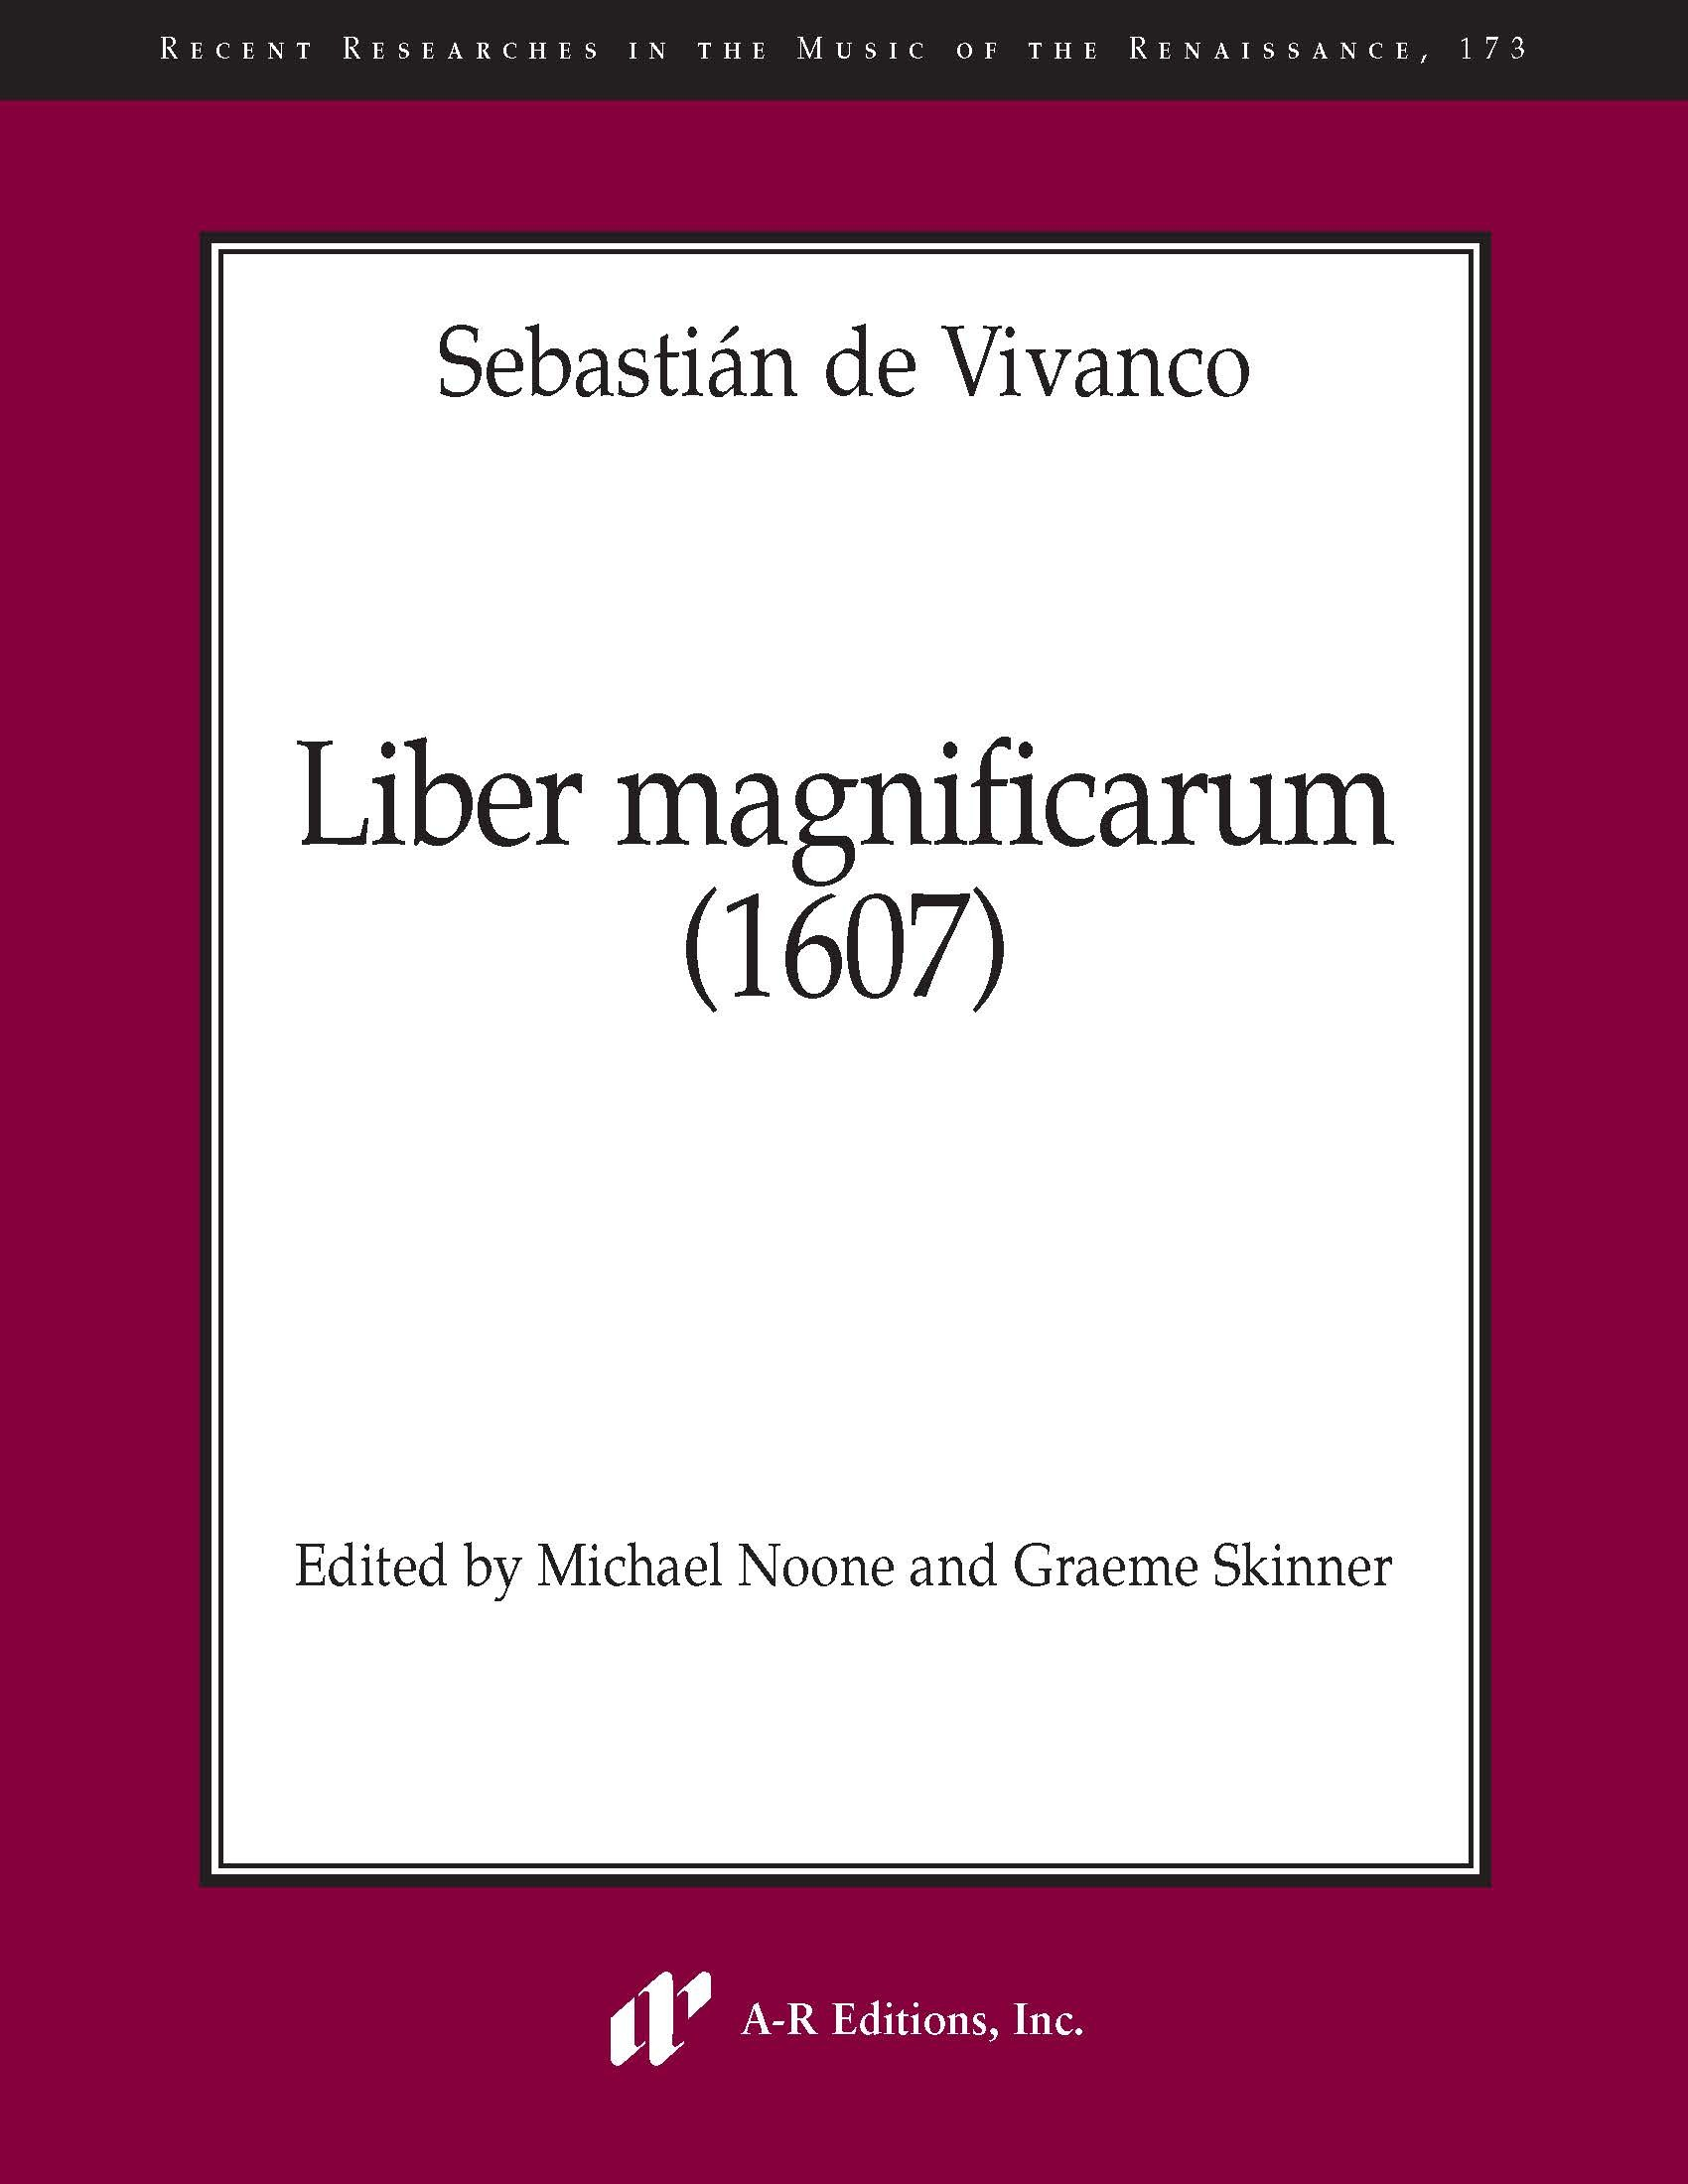 Vivanco: Liber magnificarum (1607)